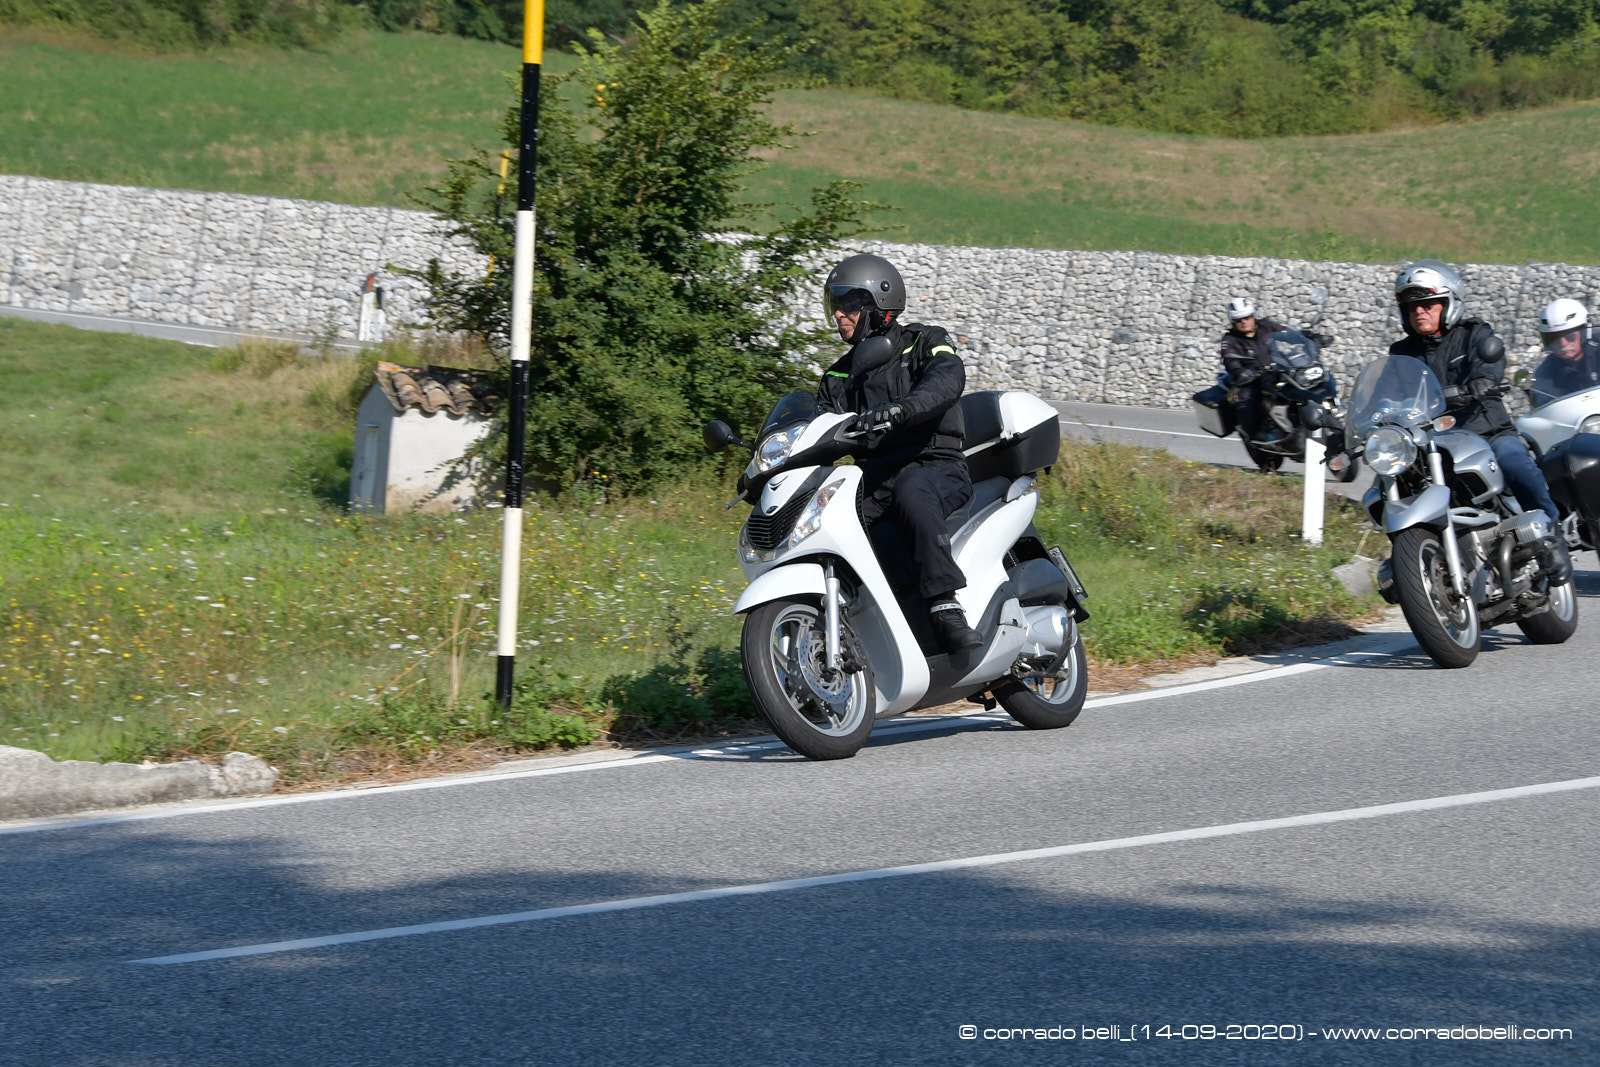 0137_-Benelli-Week-14-09-20